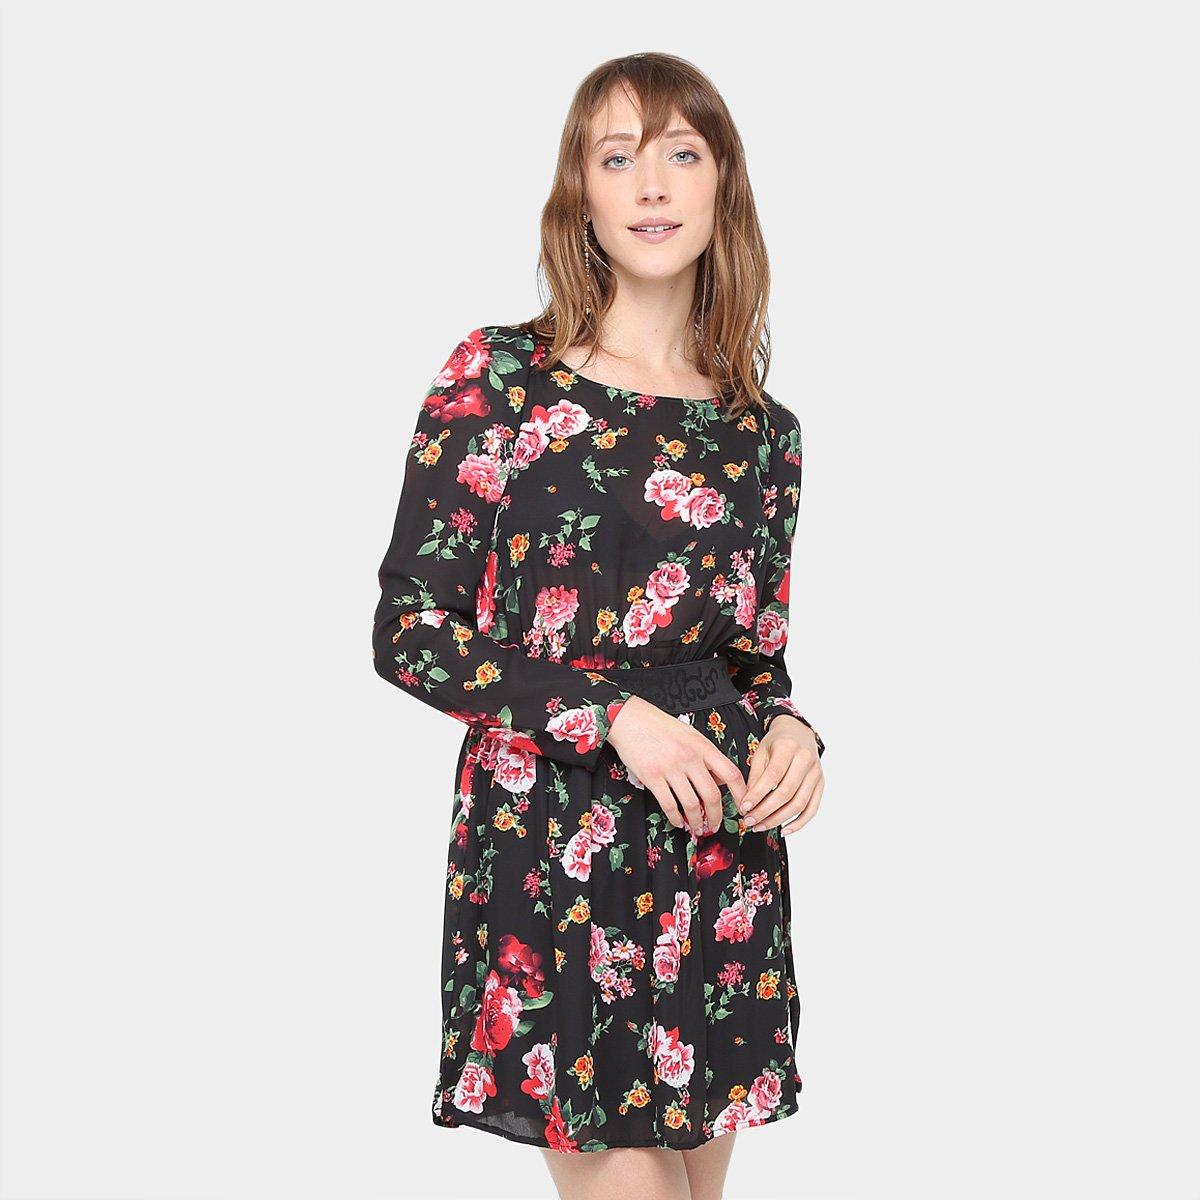 a3595d8a20 Vestido Top Moda Evasê Curto Manga Longa Floral - Compre Agora